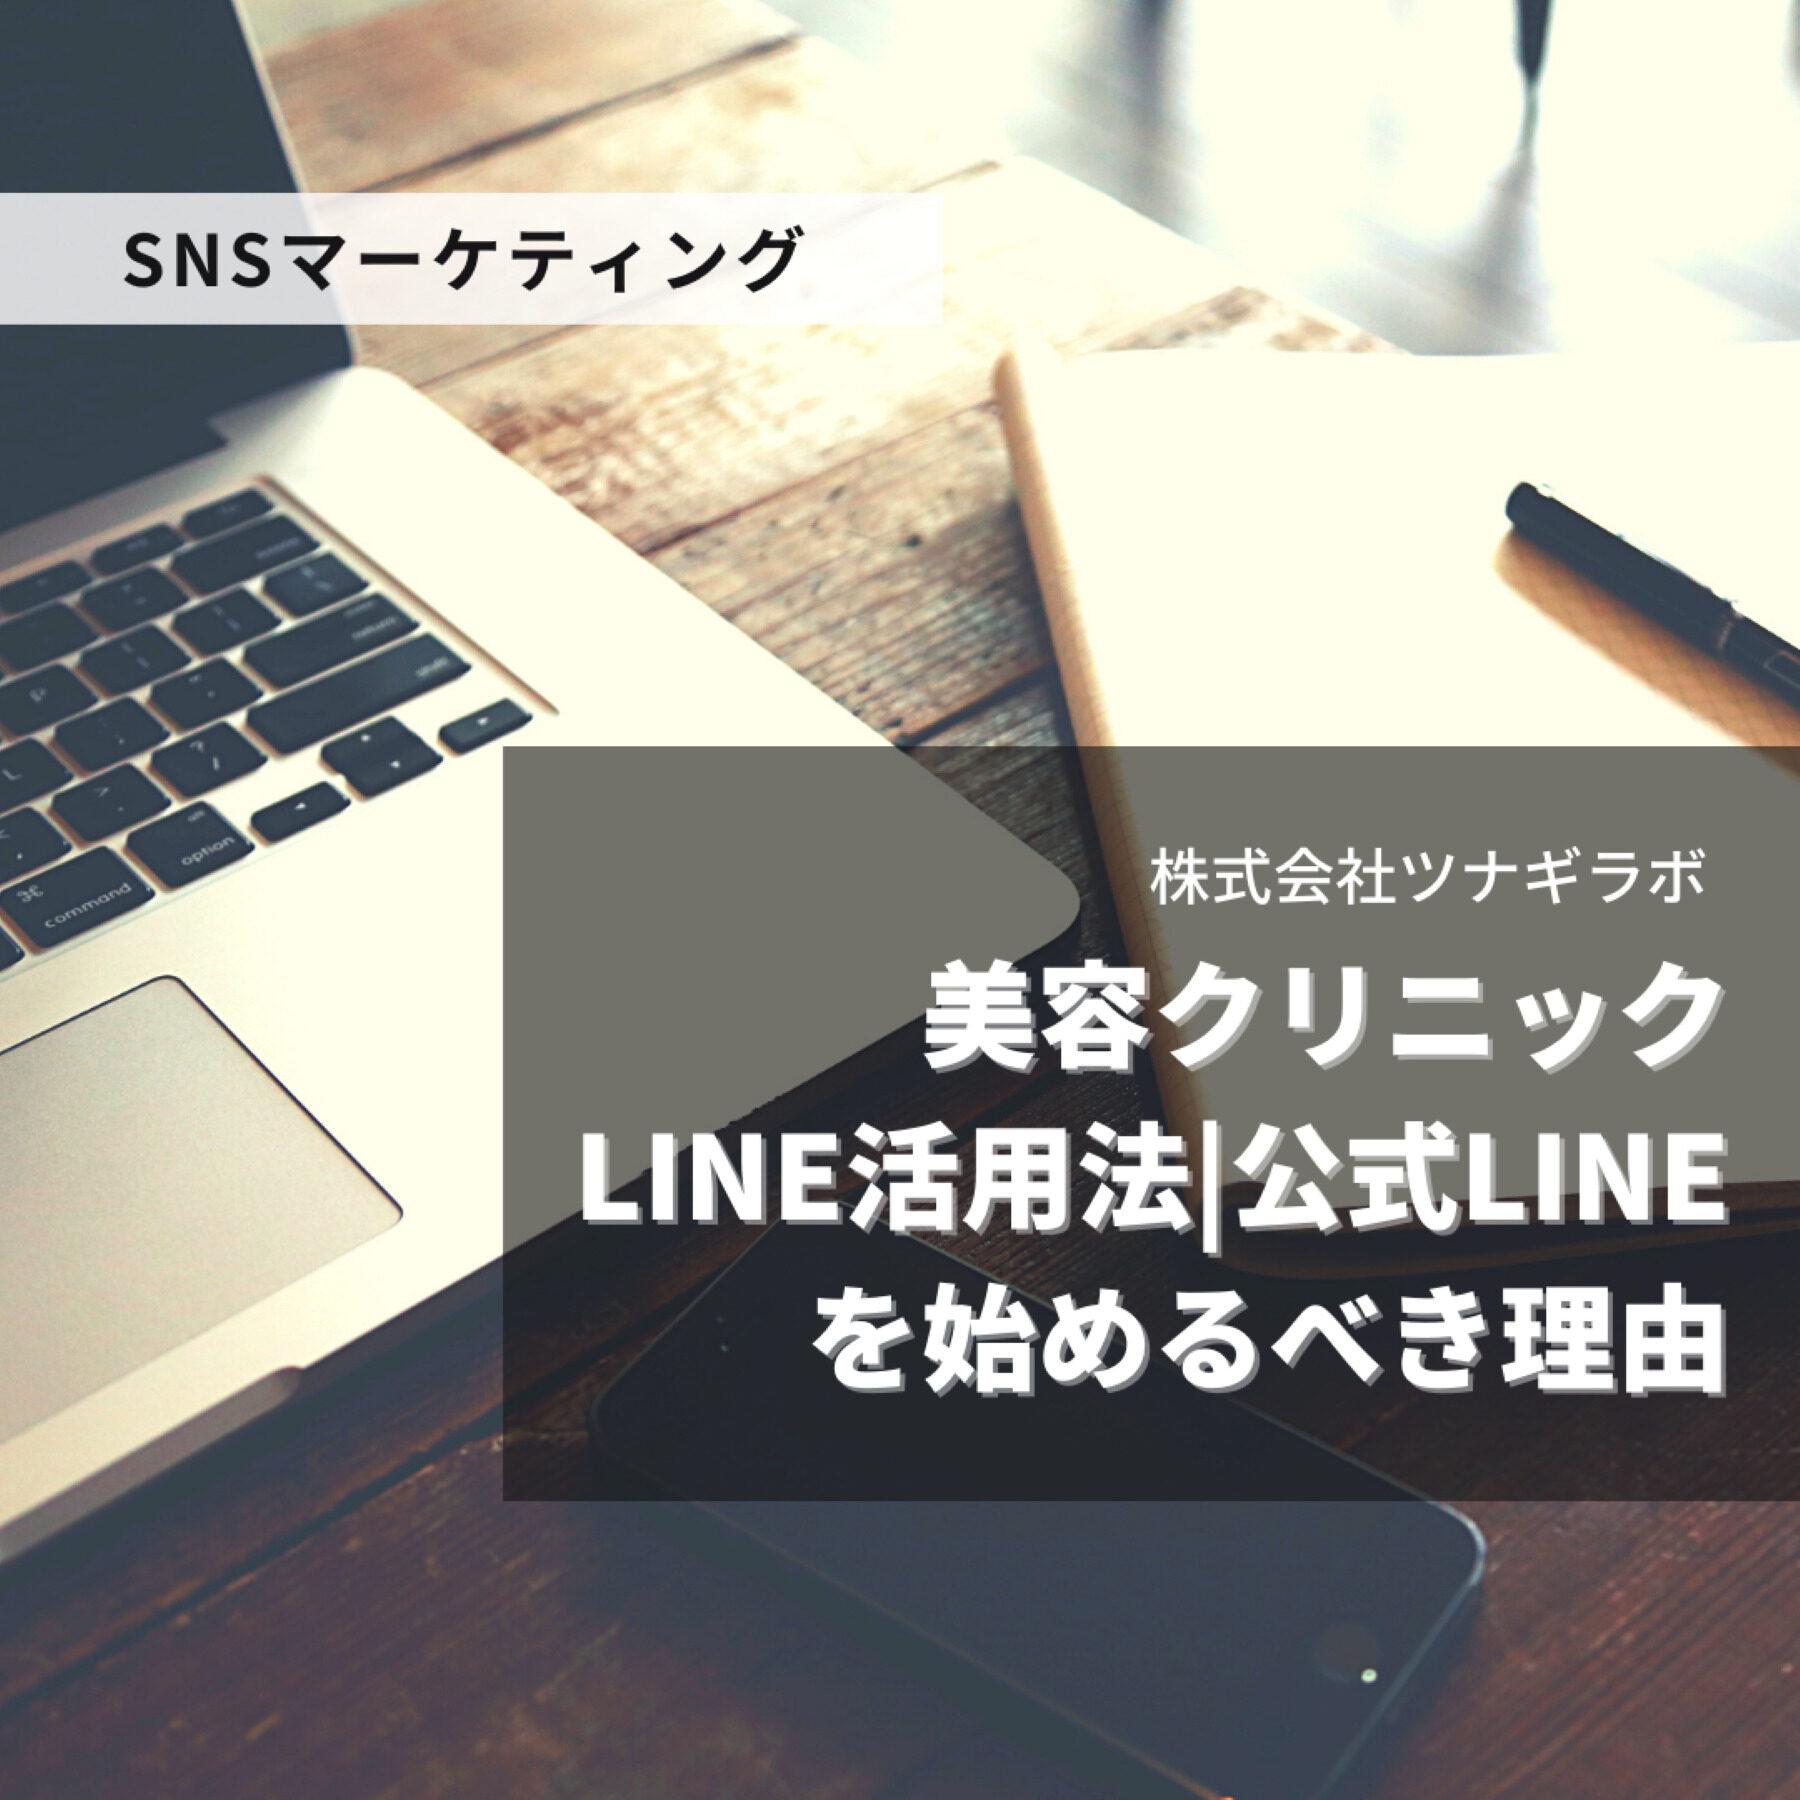 美容クリニック LINE活用法  公式LINEを始めるべき理由